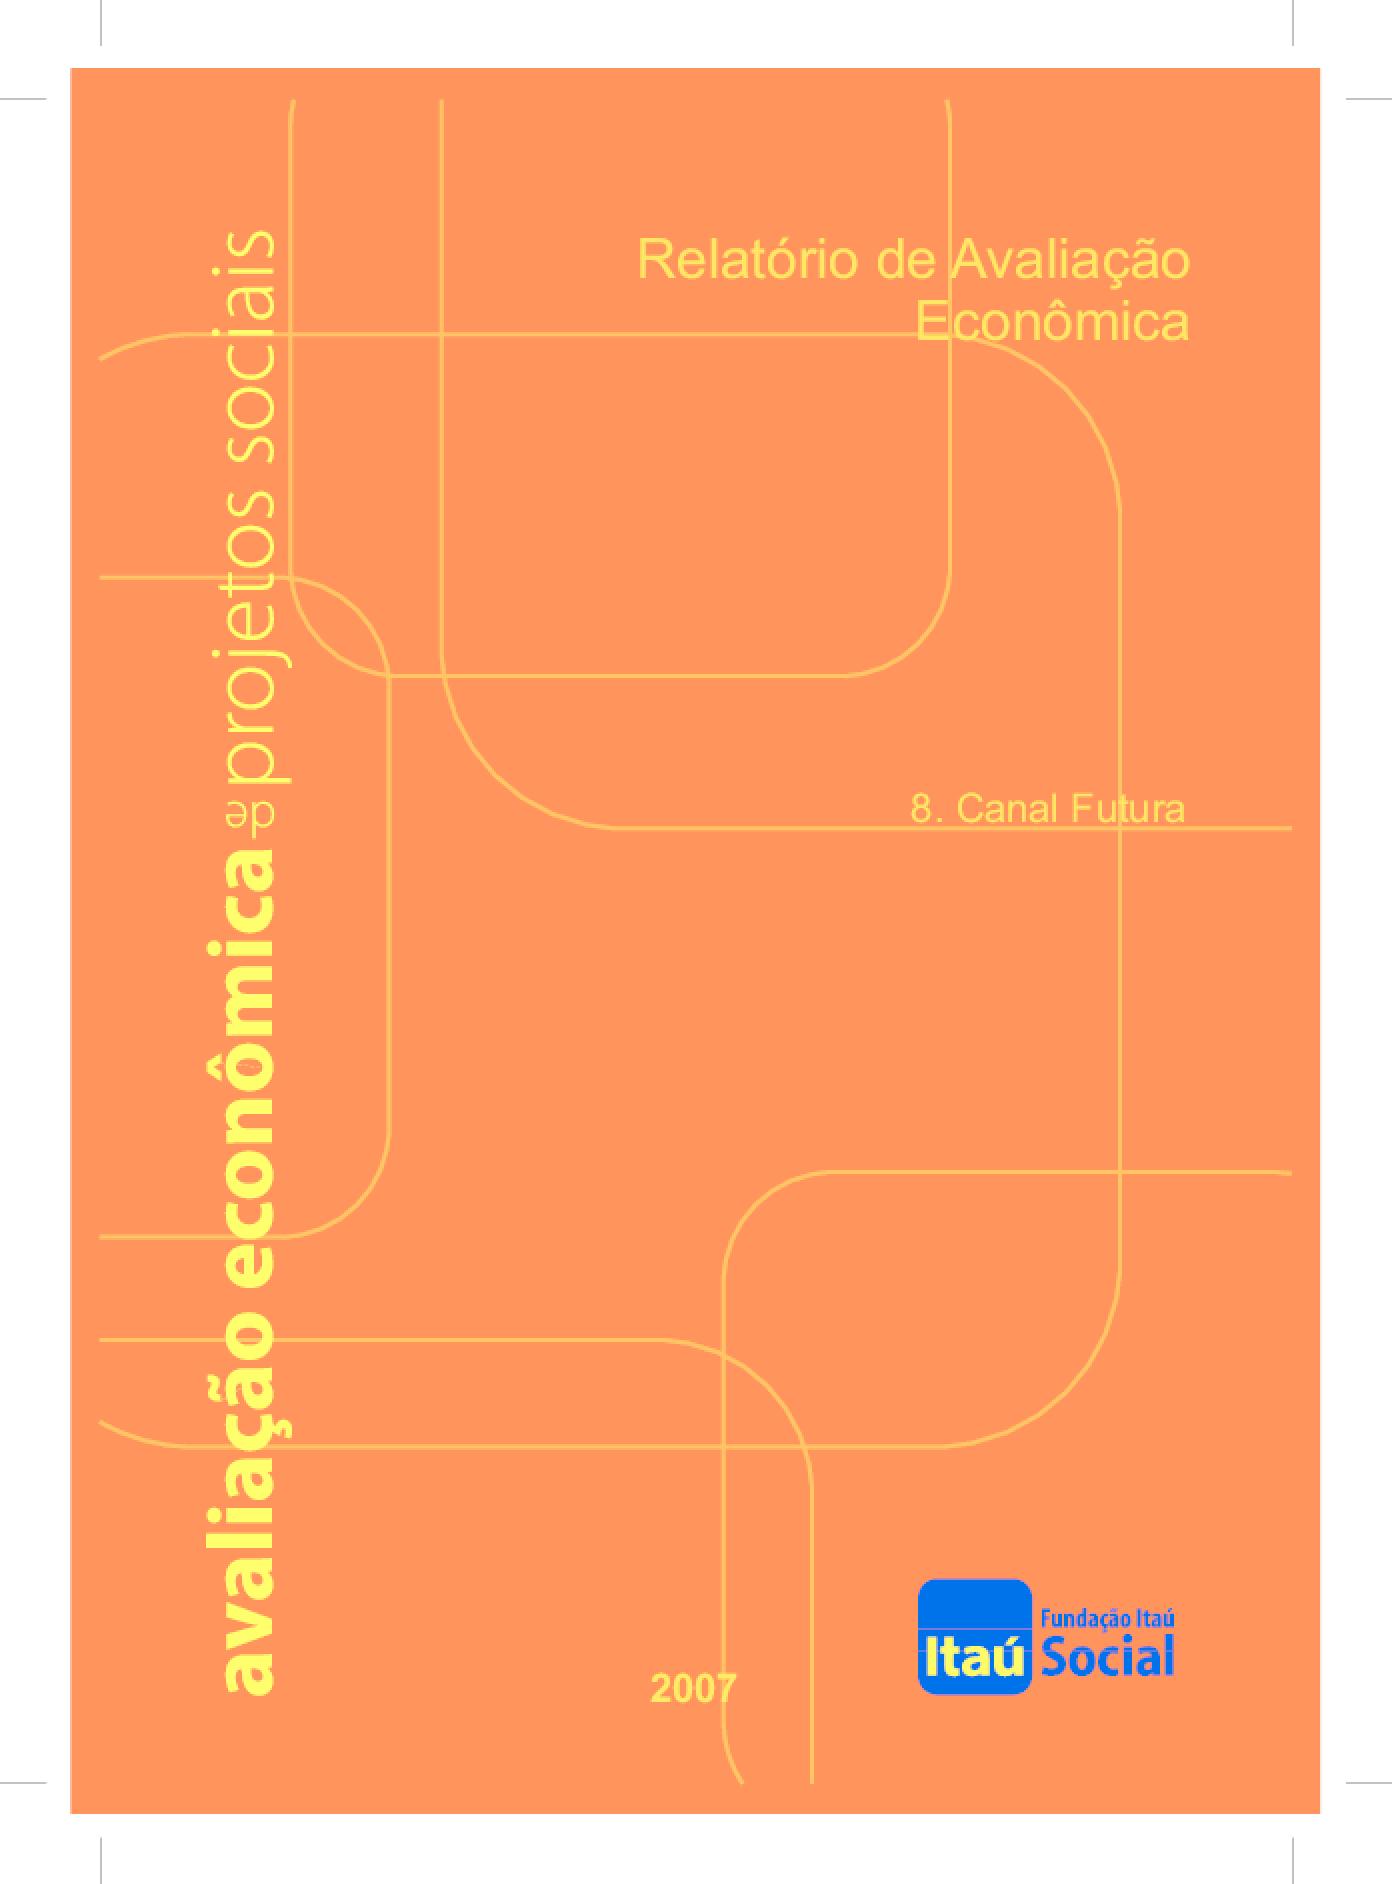 Relatório de avaliação econômica - canal Futura